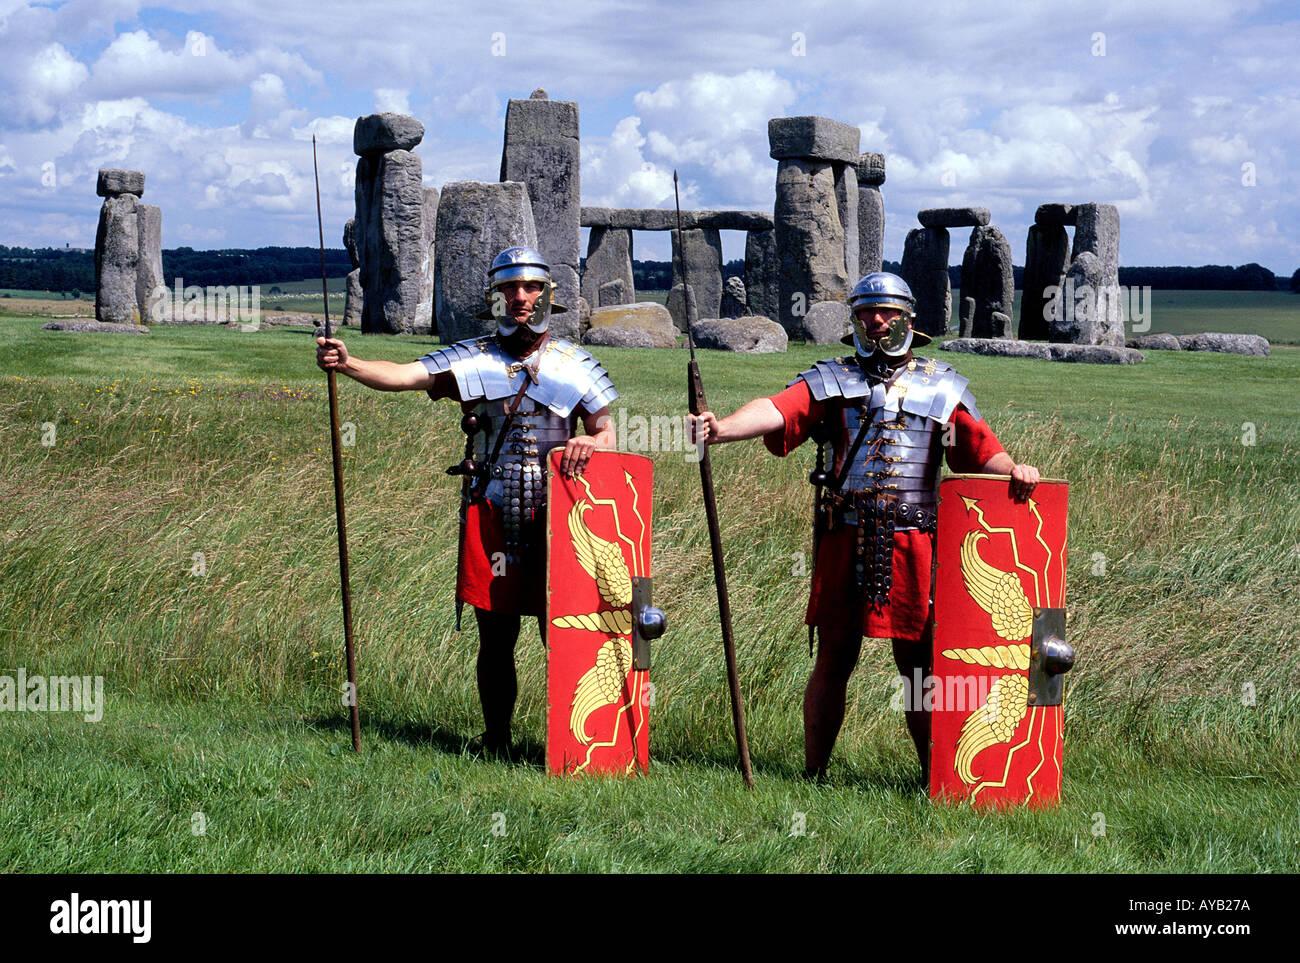 Antike Monument von Stonehenge in Wiltshire England mit Krieger in Rüstung Stockbild